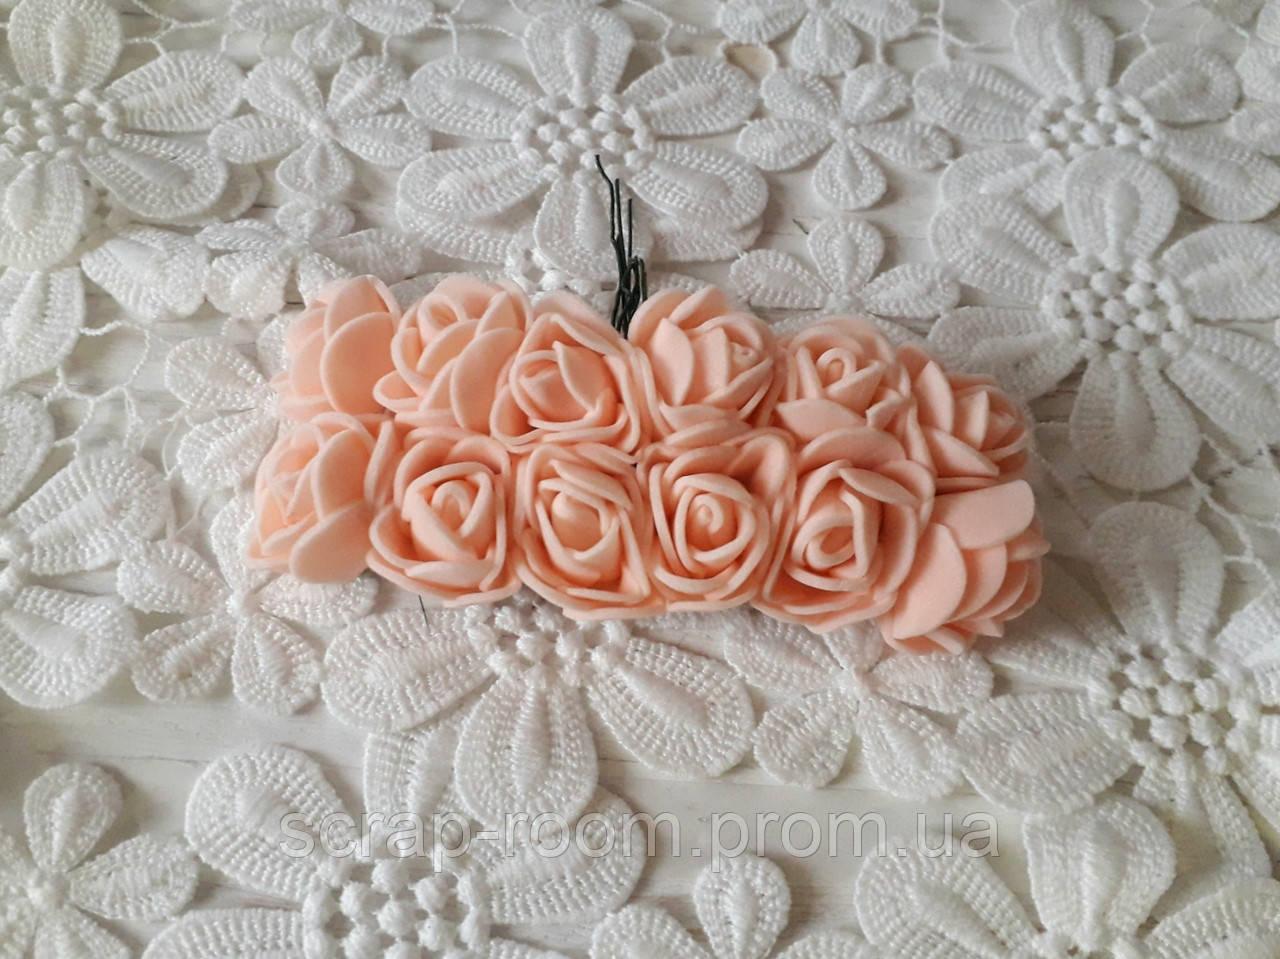 Розы латексные персиковые, персиковые розы, розы персиковый букет, персиковый декор, букет 12 шт